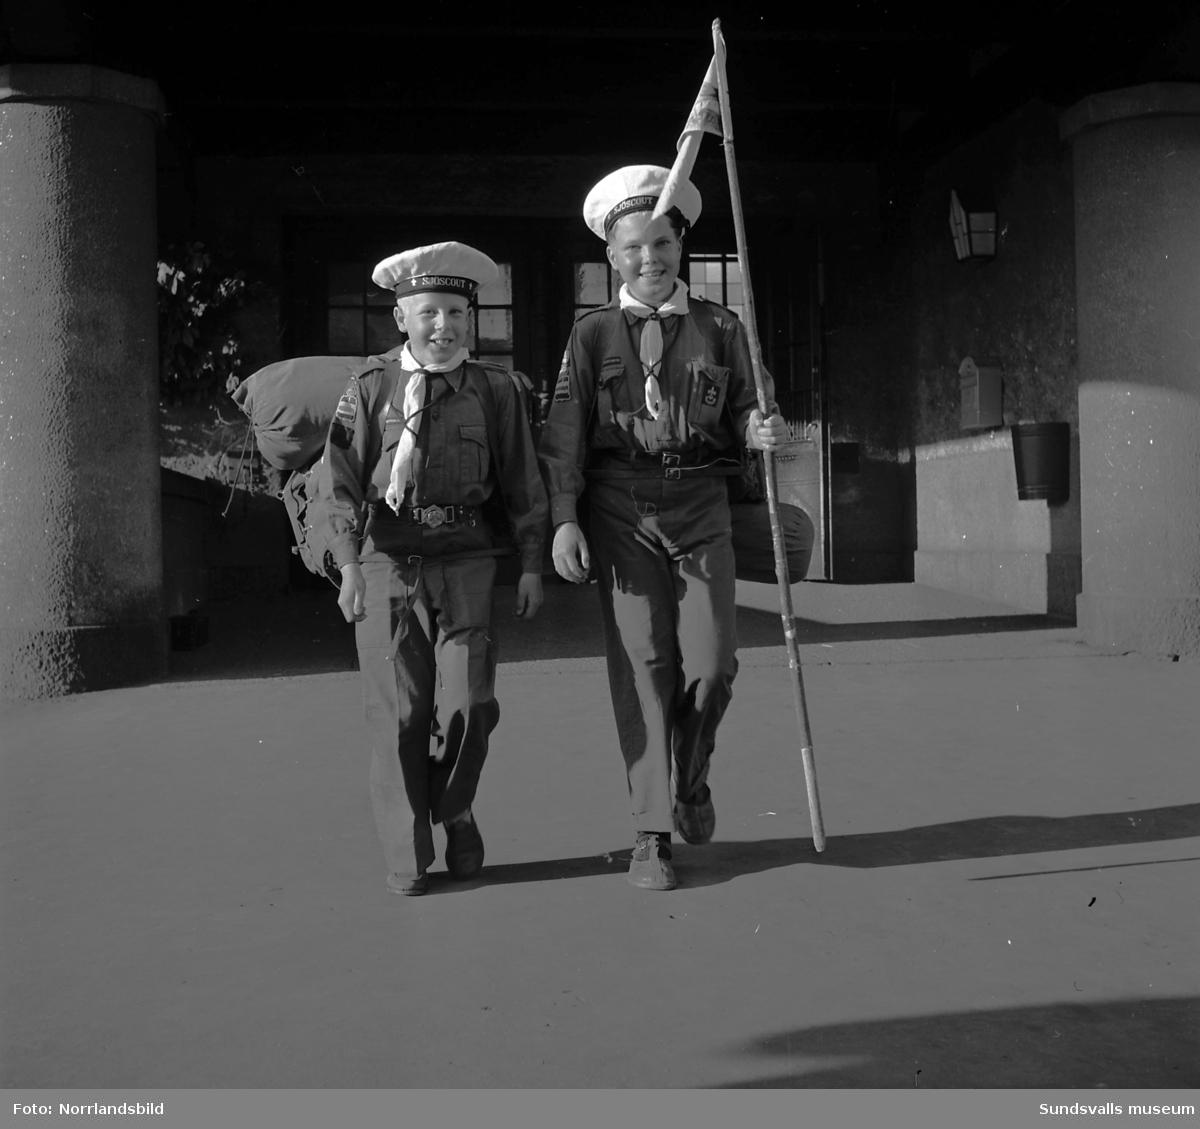 Scouter från Medelpad åker iväg på - och kommer hem ifrån - förbundslägret Åvatyr 1950, i Åva, Tyresö. Bilder från avresa och hemkomsten till järnvägsstationen.